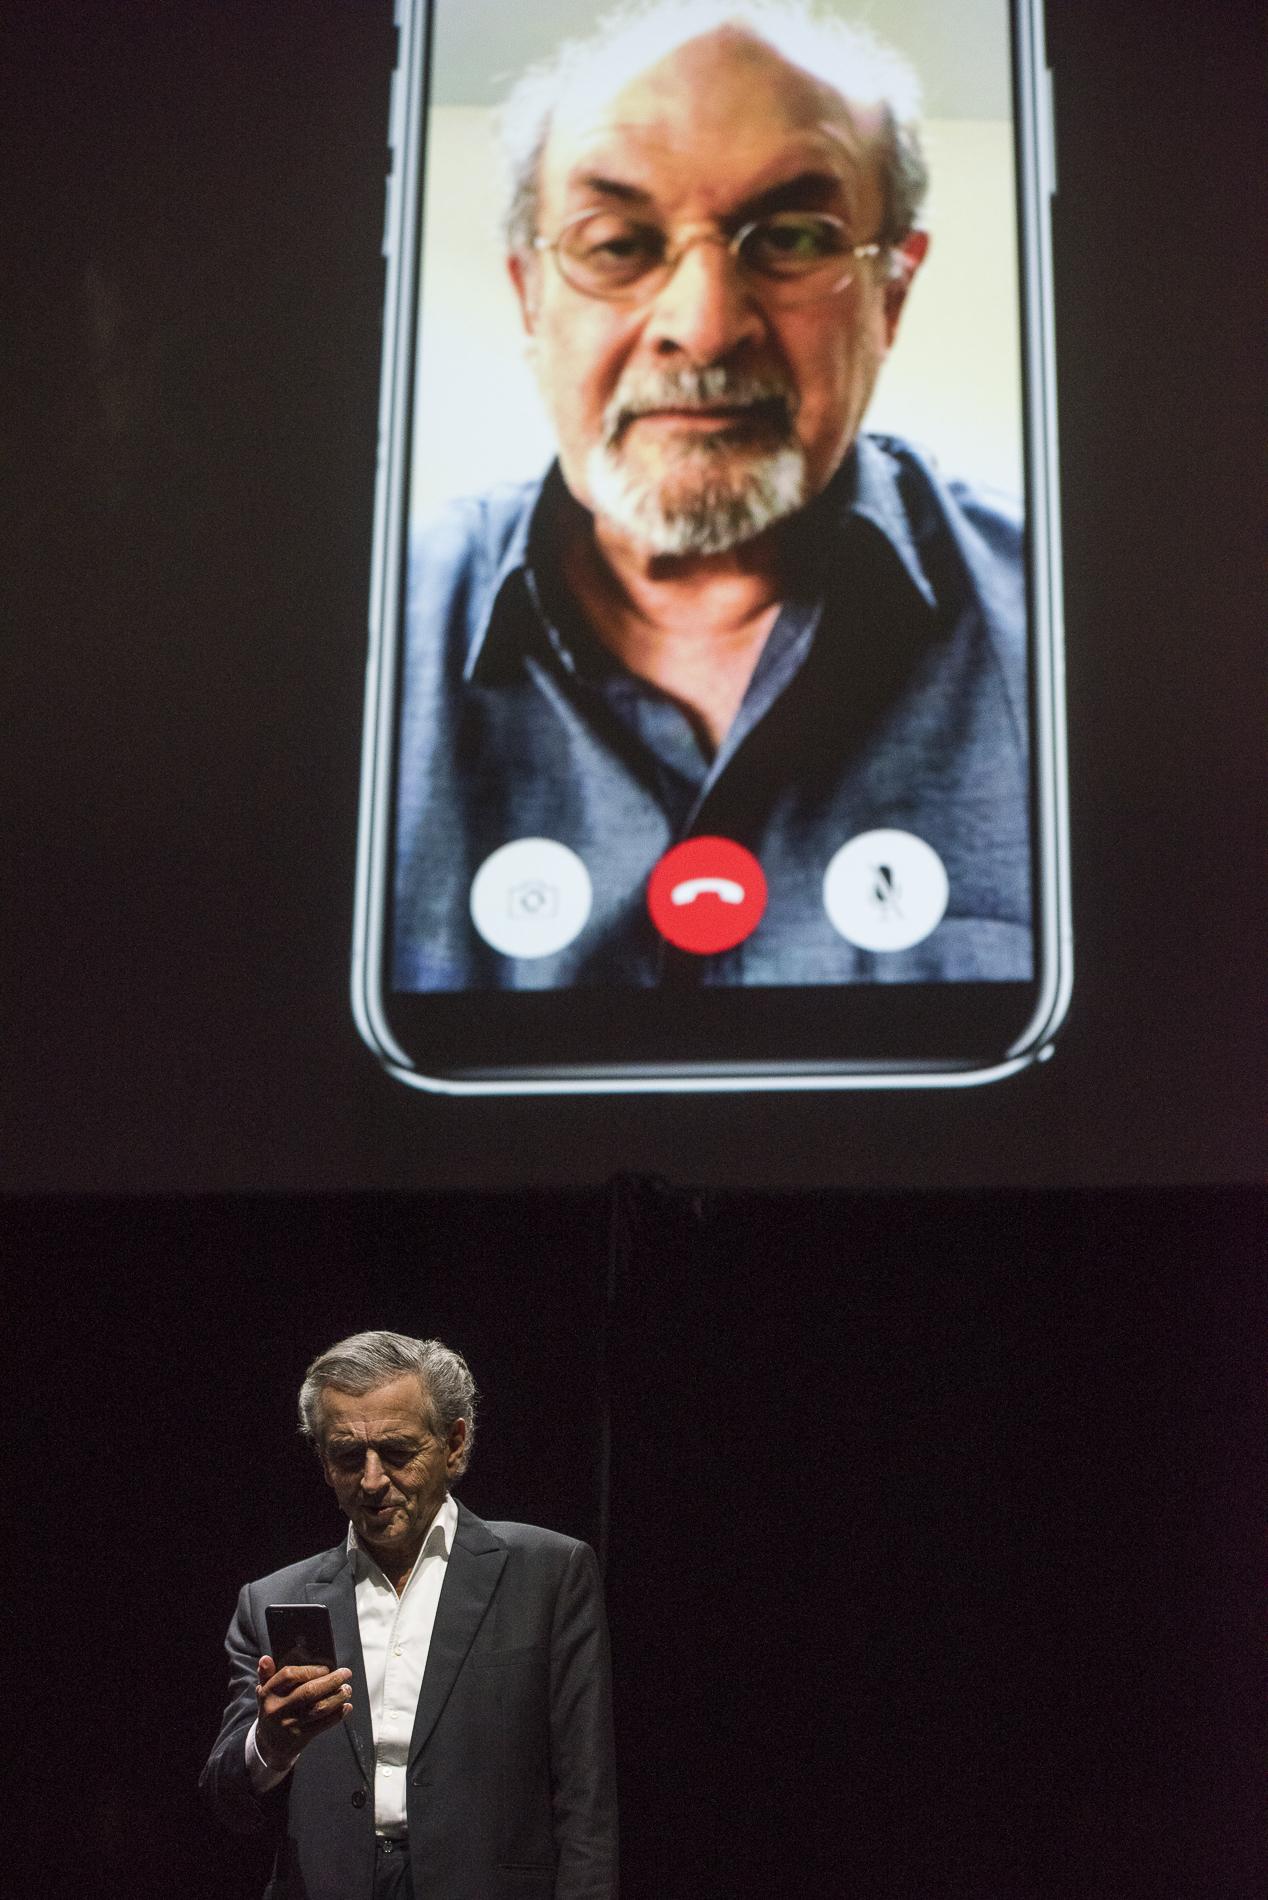 Bernard-Henri Lévy interprète sa pièce, Last Exit Before Brexit, qui a compté avec la participation de Salman Rushdie, le 4 juin 2018 au Cadogan Hall, à Londres.